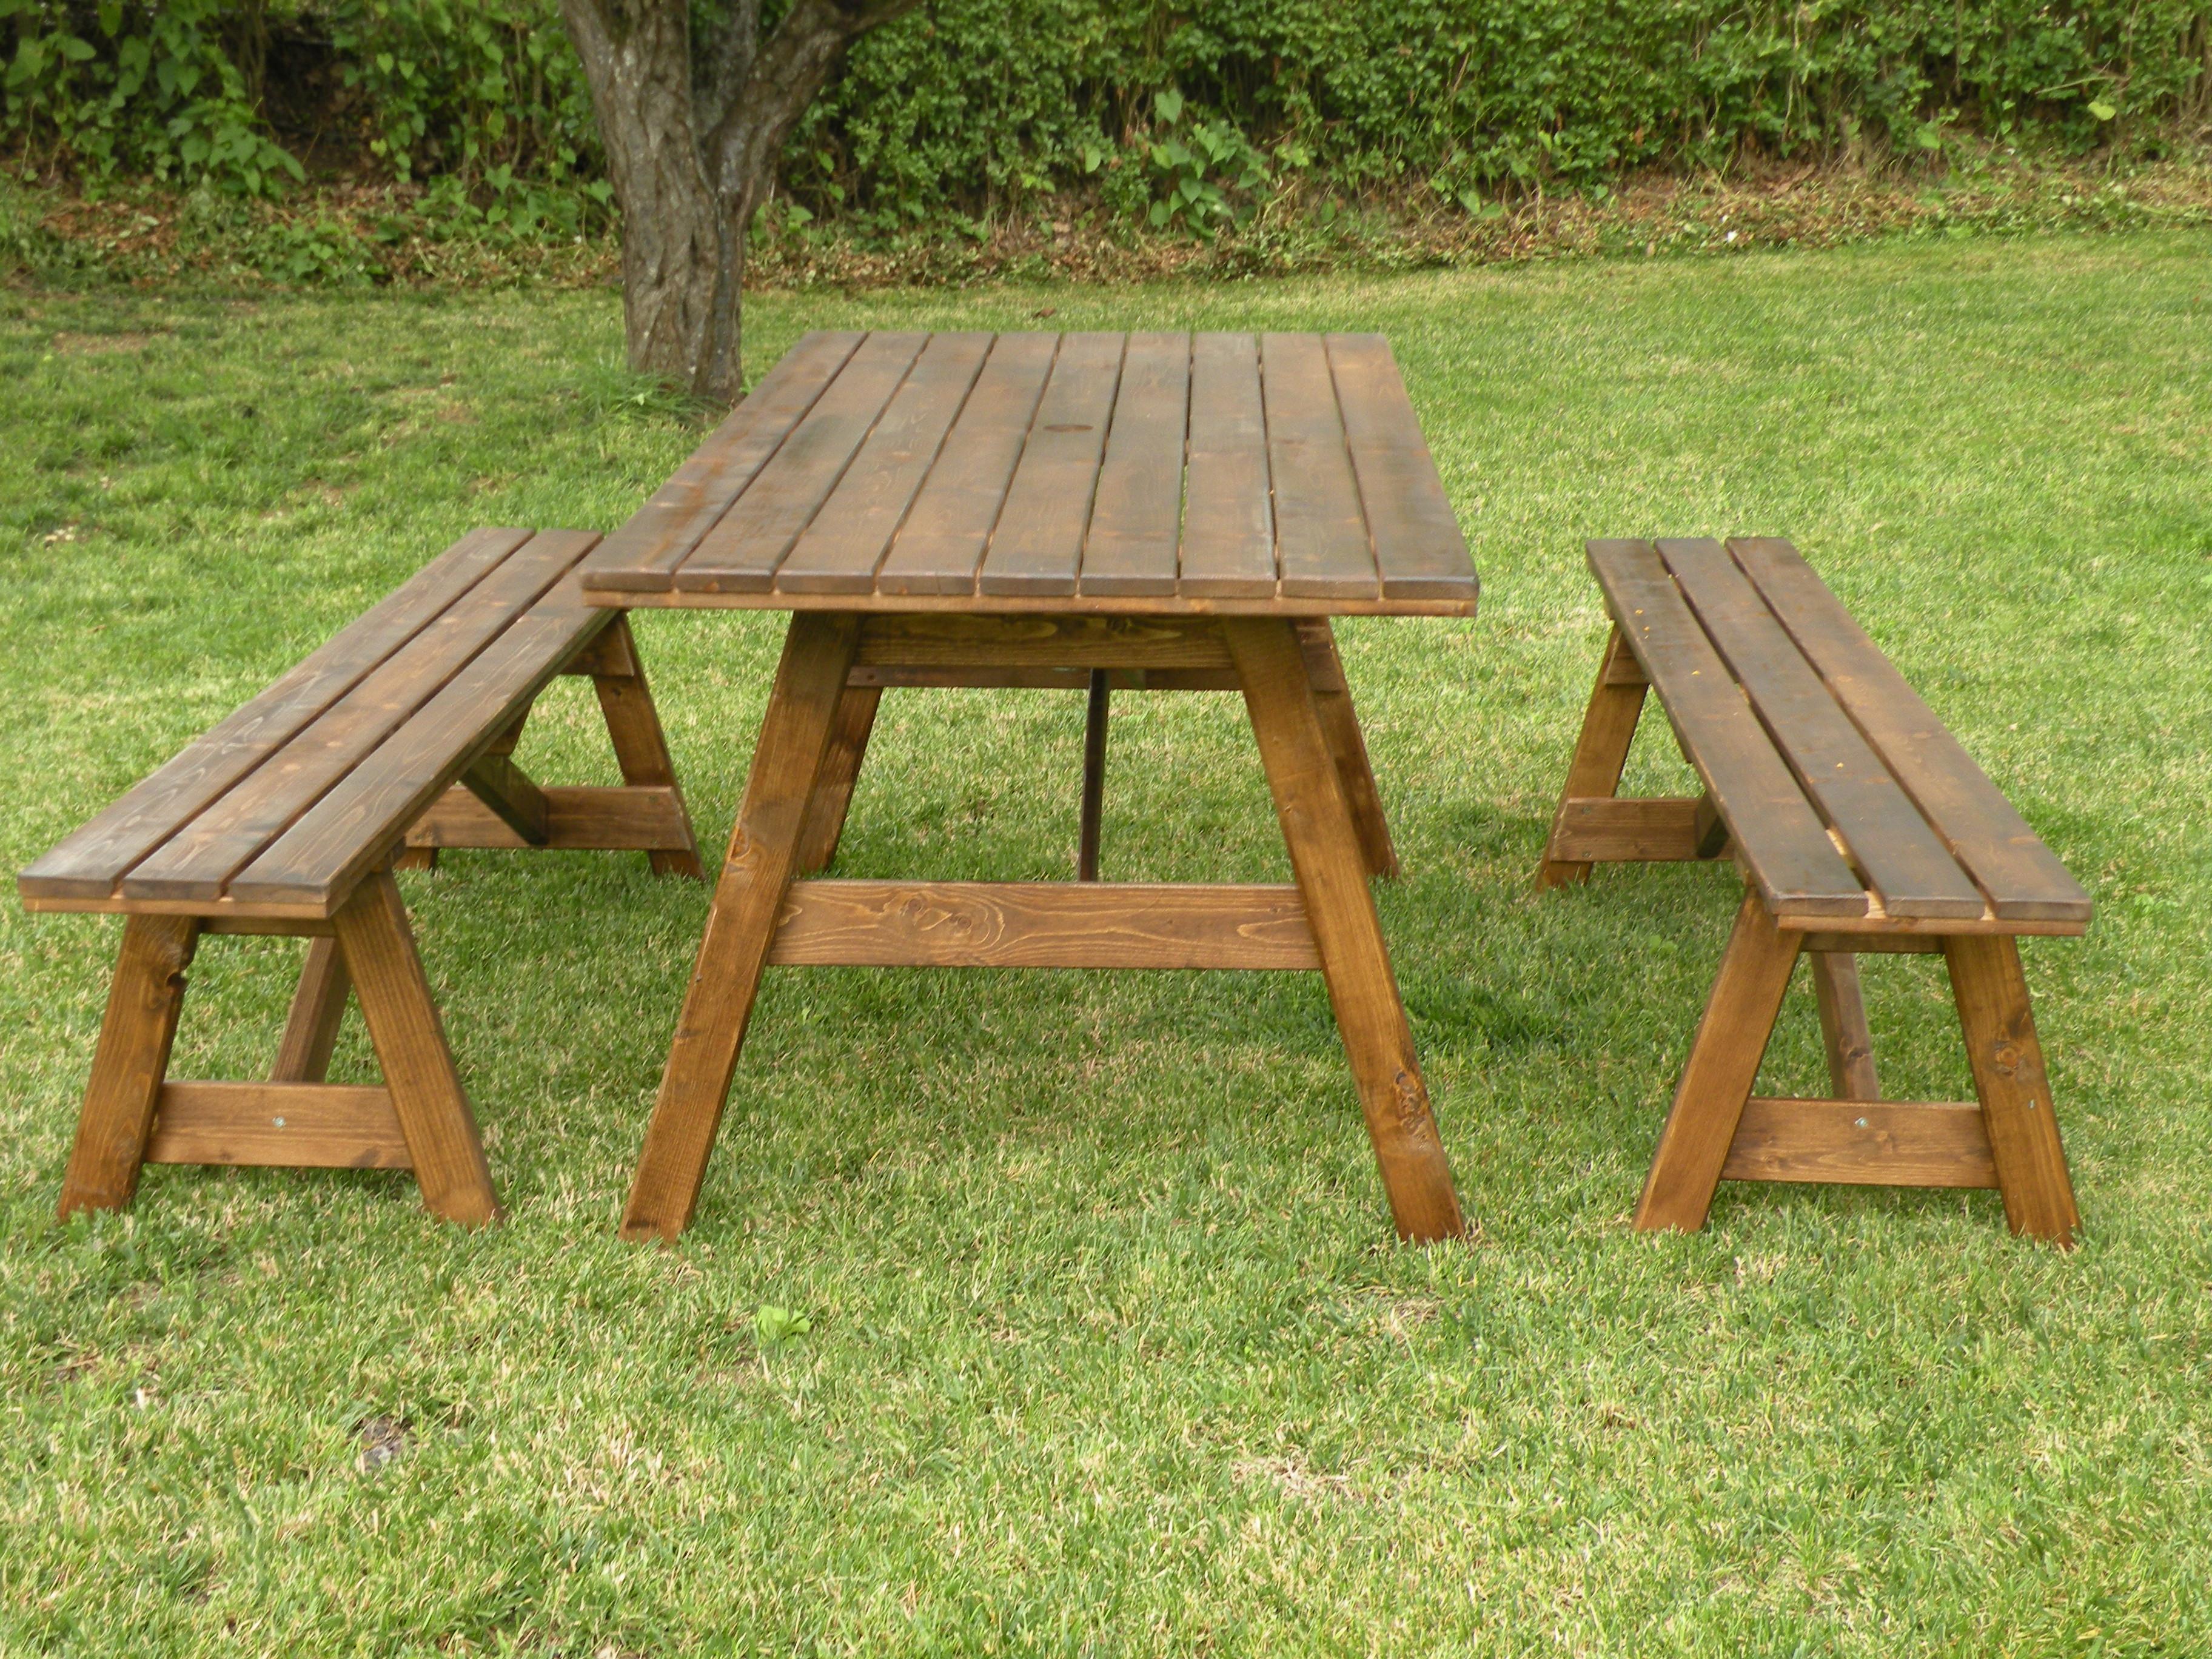 Tavoli per l 39 esterno in legno tavolo da giardino con - Tavolo giardino ...